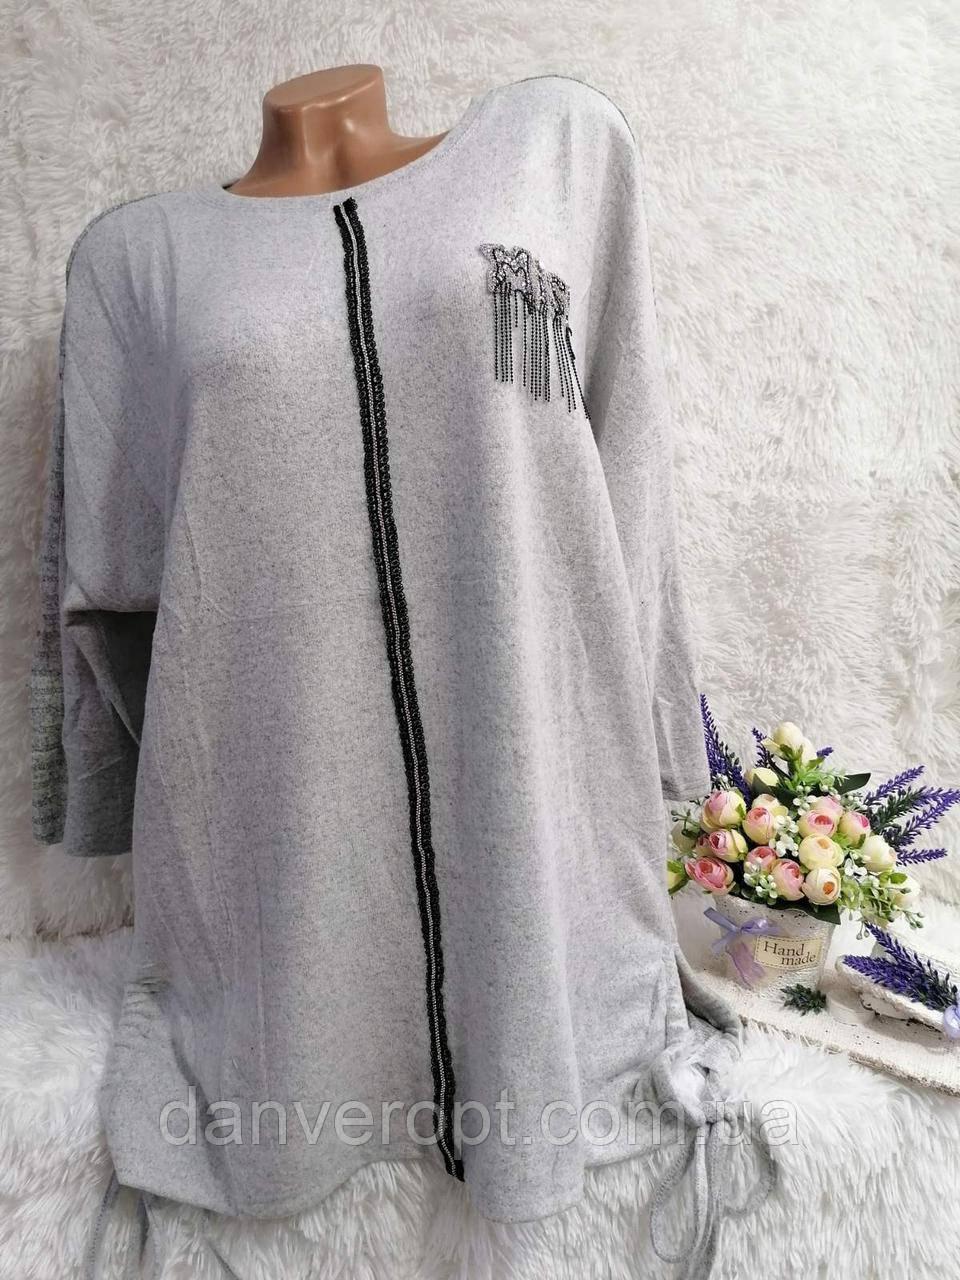 Туника женская модная стильная размер 2XL-4XL купить оптом со склада 7км Одесса